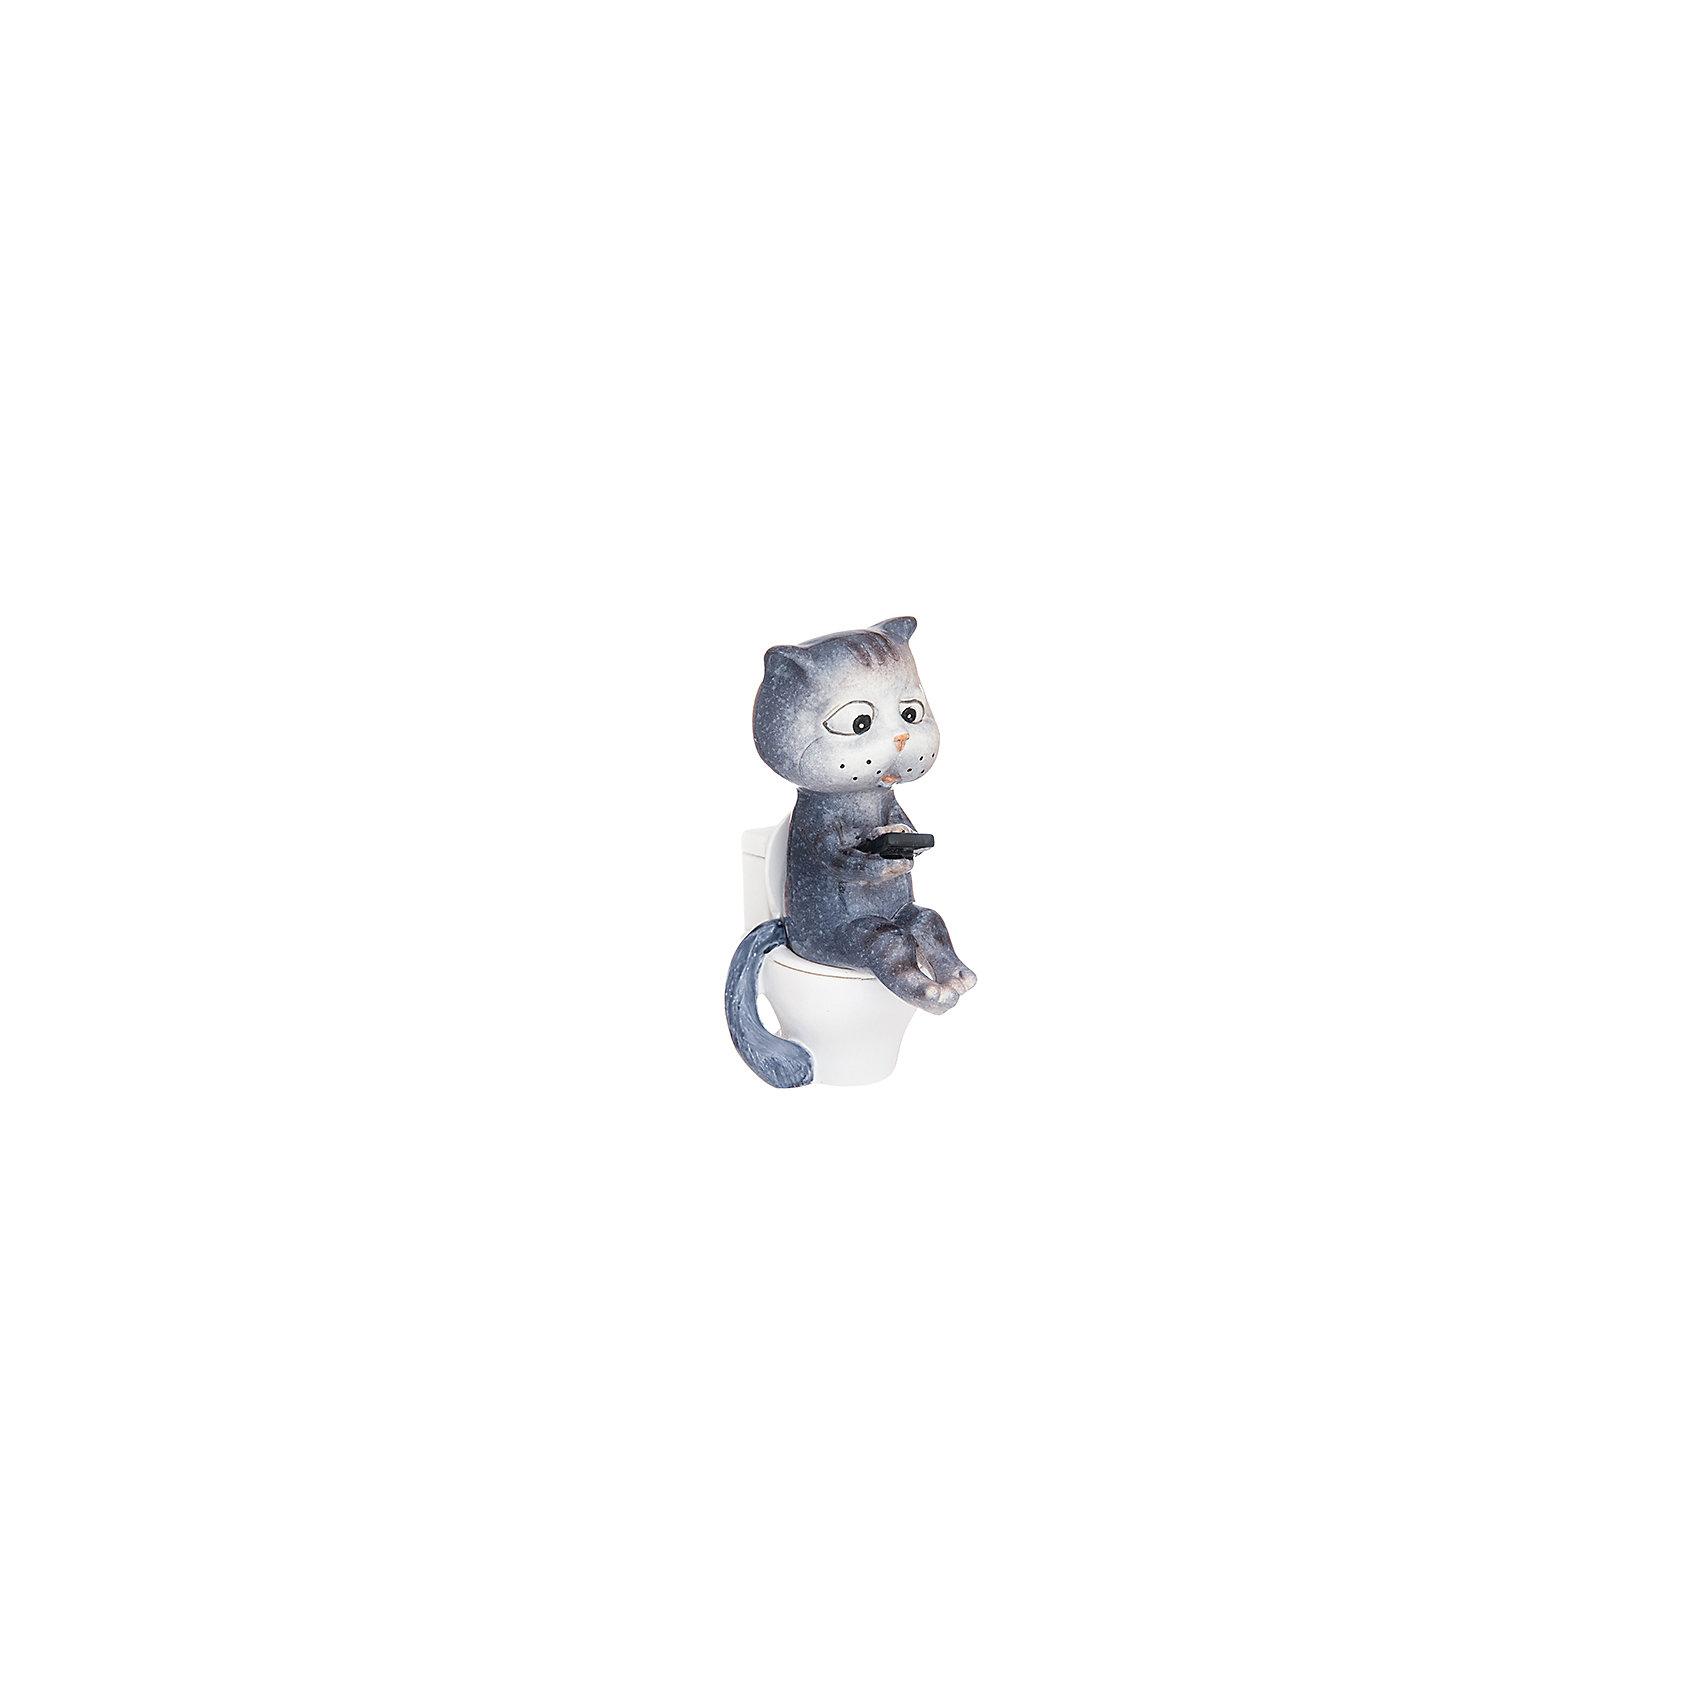 Фигурка декоративная Котик с телефоном, Elan GalleryПредметы интерьера<br>Характеристики товара:<br><br>• цвет: мульти<br>• материал: полистоун<br>• высота: 12 см<br>• вес: 250 г<br>• подходит к любому интерьеру<br>• отлично проработаны детали<br>• универсальный размер<br>• страна бренда: Российская Федерация<br>• страна производства: Китай<br><br>Такая декоративная фигурка - отличный пример красивой вещи для любого интерьера. Благодаря универсальному дизайну и расцветке она хорошо будет смотреться в помещении.<br><br>Декоративная фигурка может стать отличным приобретением для дома или подарком для любителей симпатичных вещей, украшающих пространство.<br><br>Бренд Elan Gallery - это красивые и практичные товары для дома с современным дизайном. Они добавляют в жильё уюта и комфорта! <br><br>Фигурку декоративную Котик с телефоном Elan Gallery можно купить в нашем интернет-магазине.<br><br>Ширина мм: 95<br>Глубина мм: 63<br>Высота мм: 138<br>Вес г: 244<br>Возраст от месяцев: 0<br>Возраст до месяцев: 1188<br>Пол: Унисекс<br>Возраст: Детский<br>SKU: 6669022